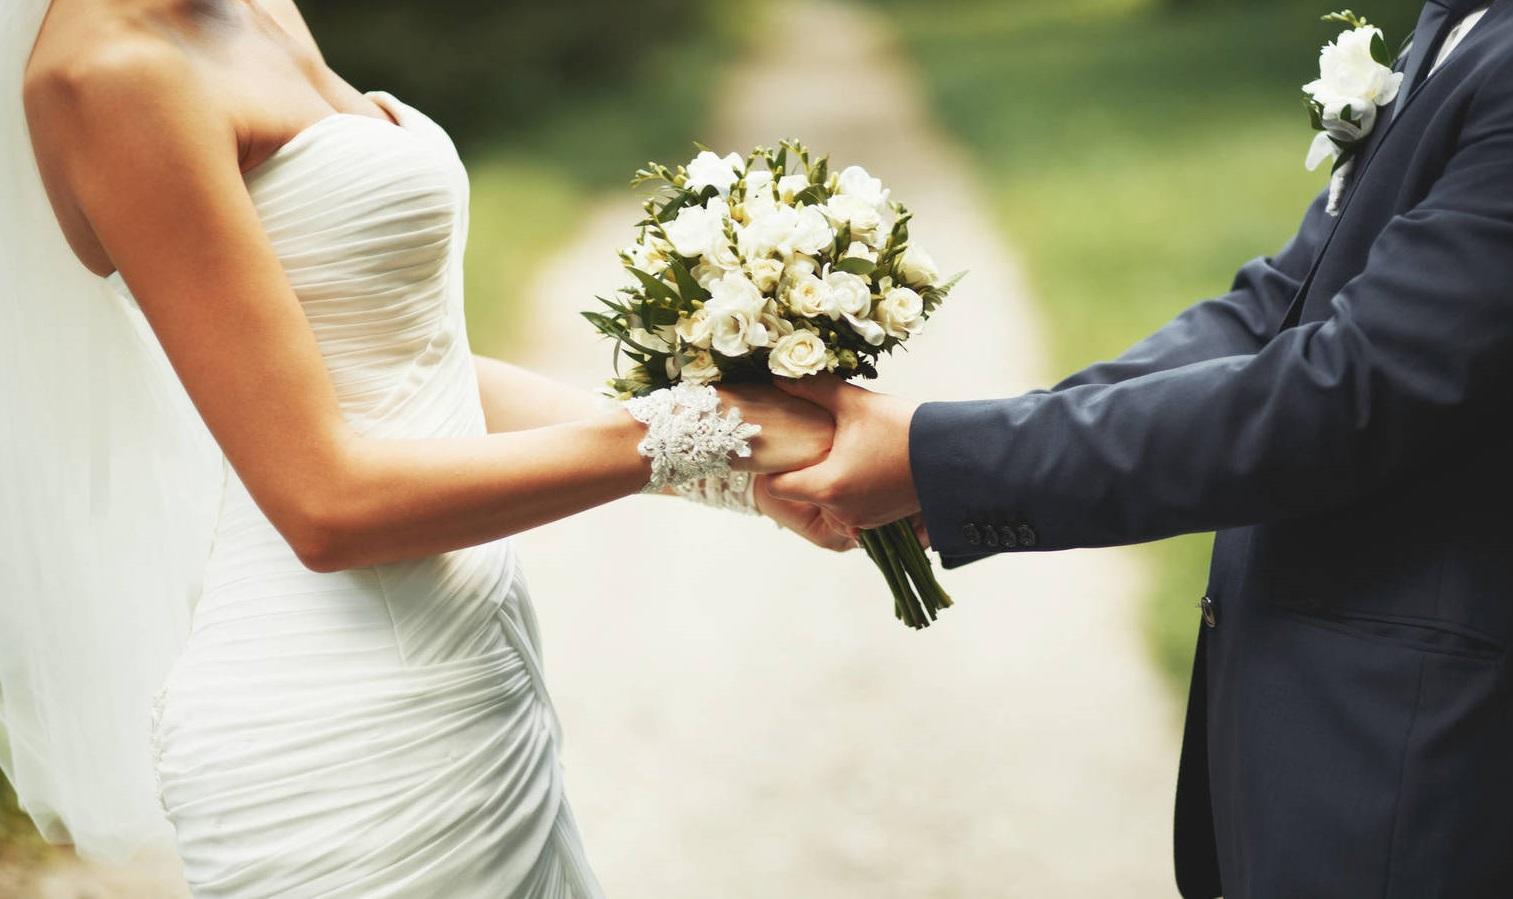 фото картинки свадьба пара душой тебе